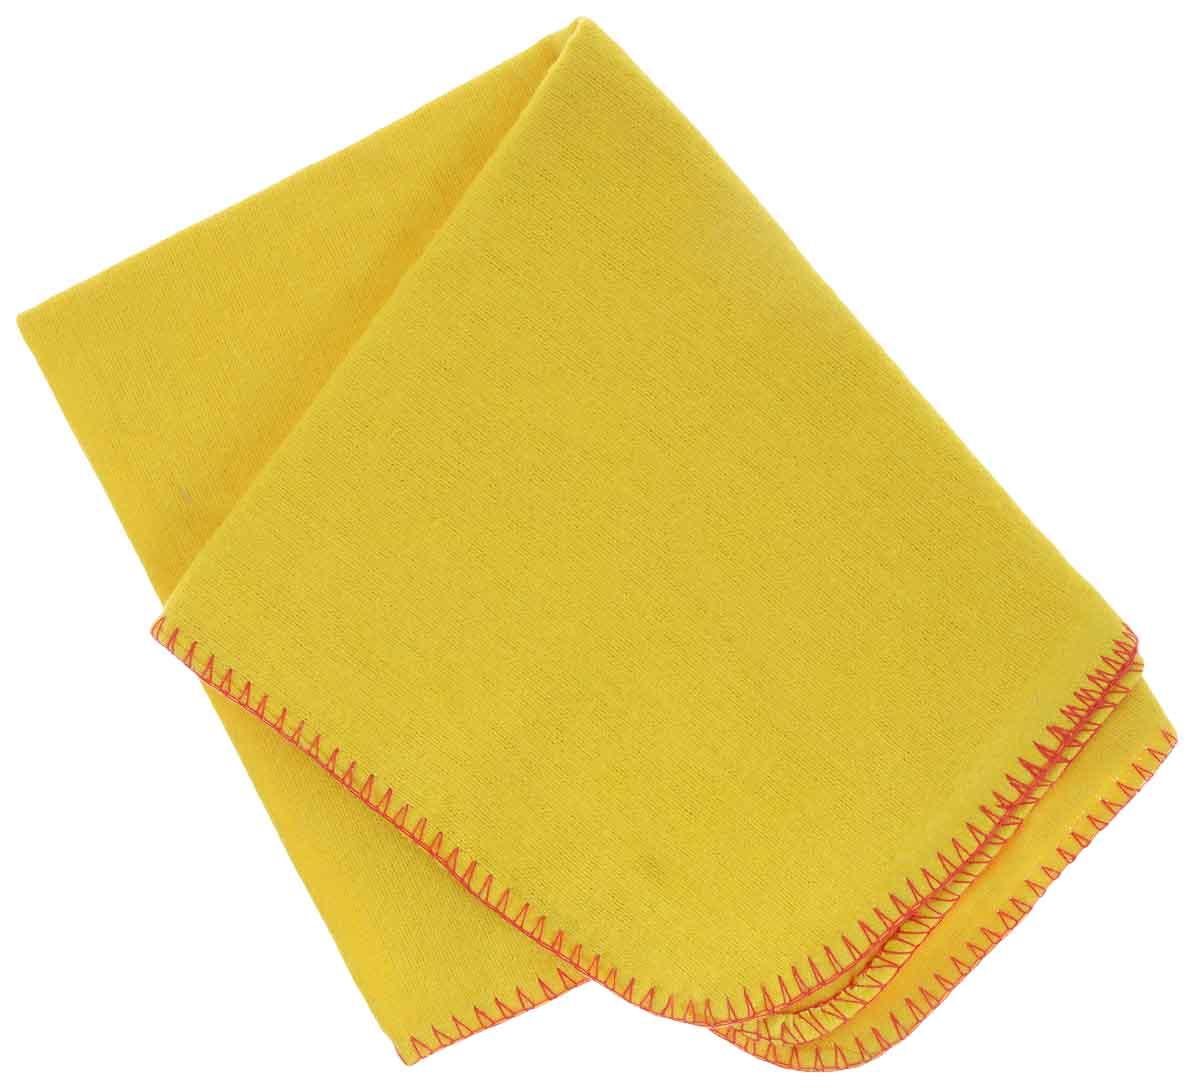 Ткань для полировки Doctor Wax 60x35см 100%